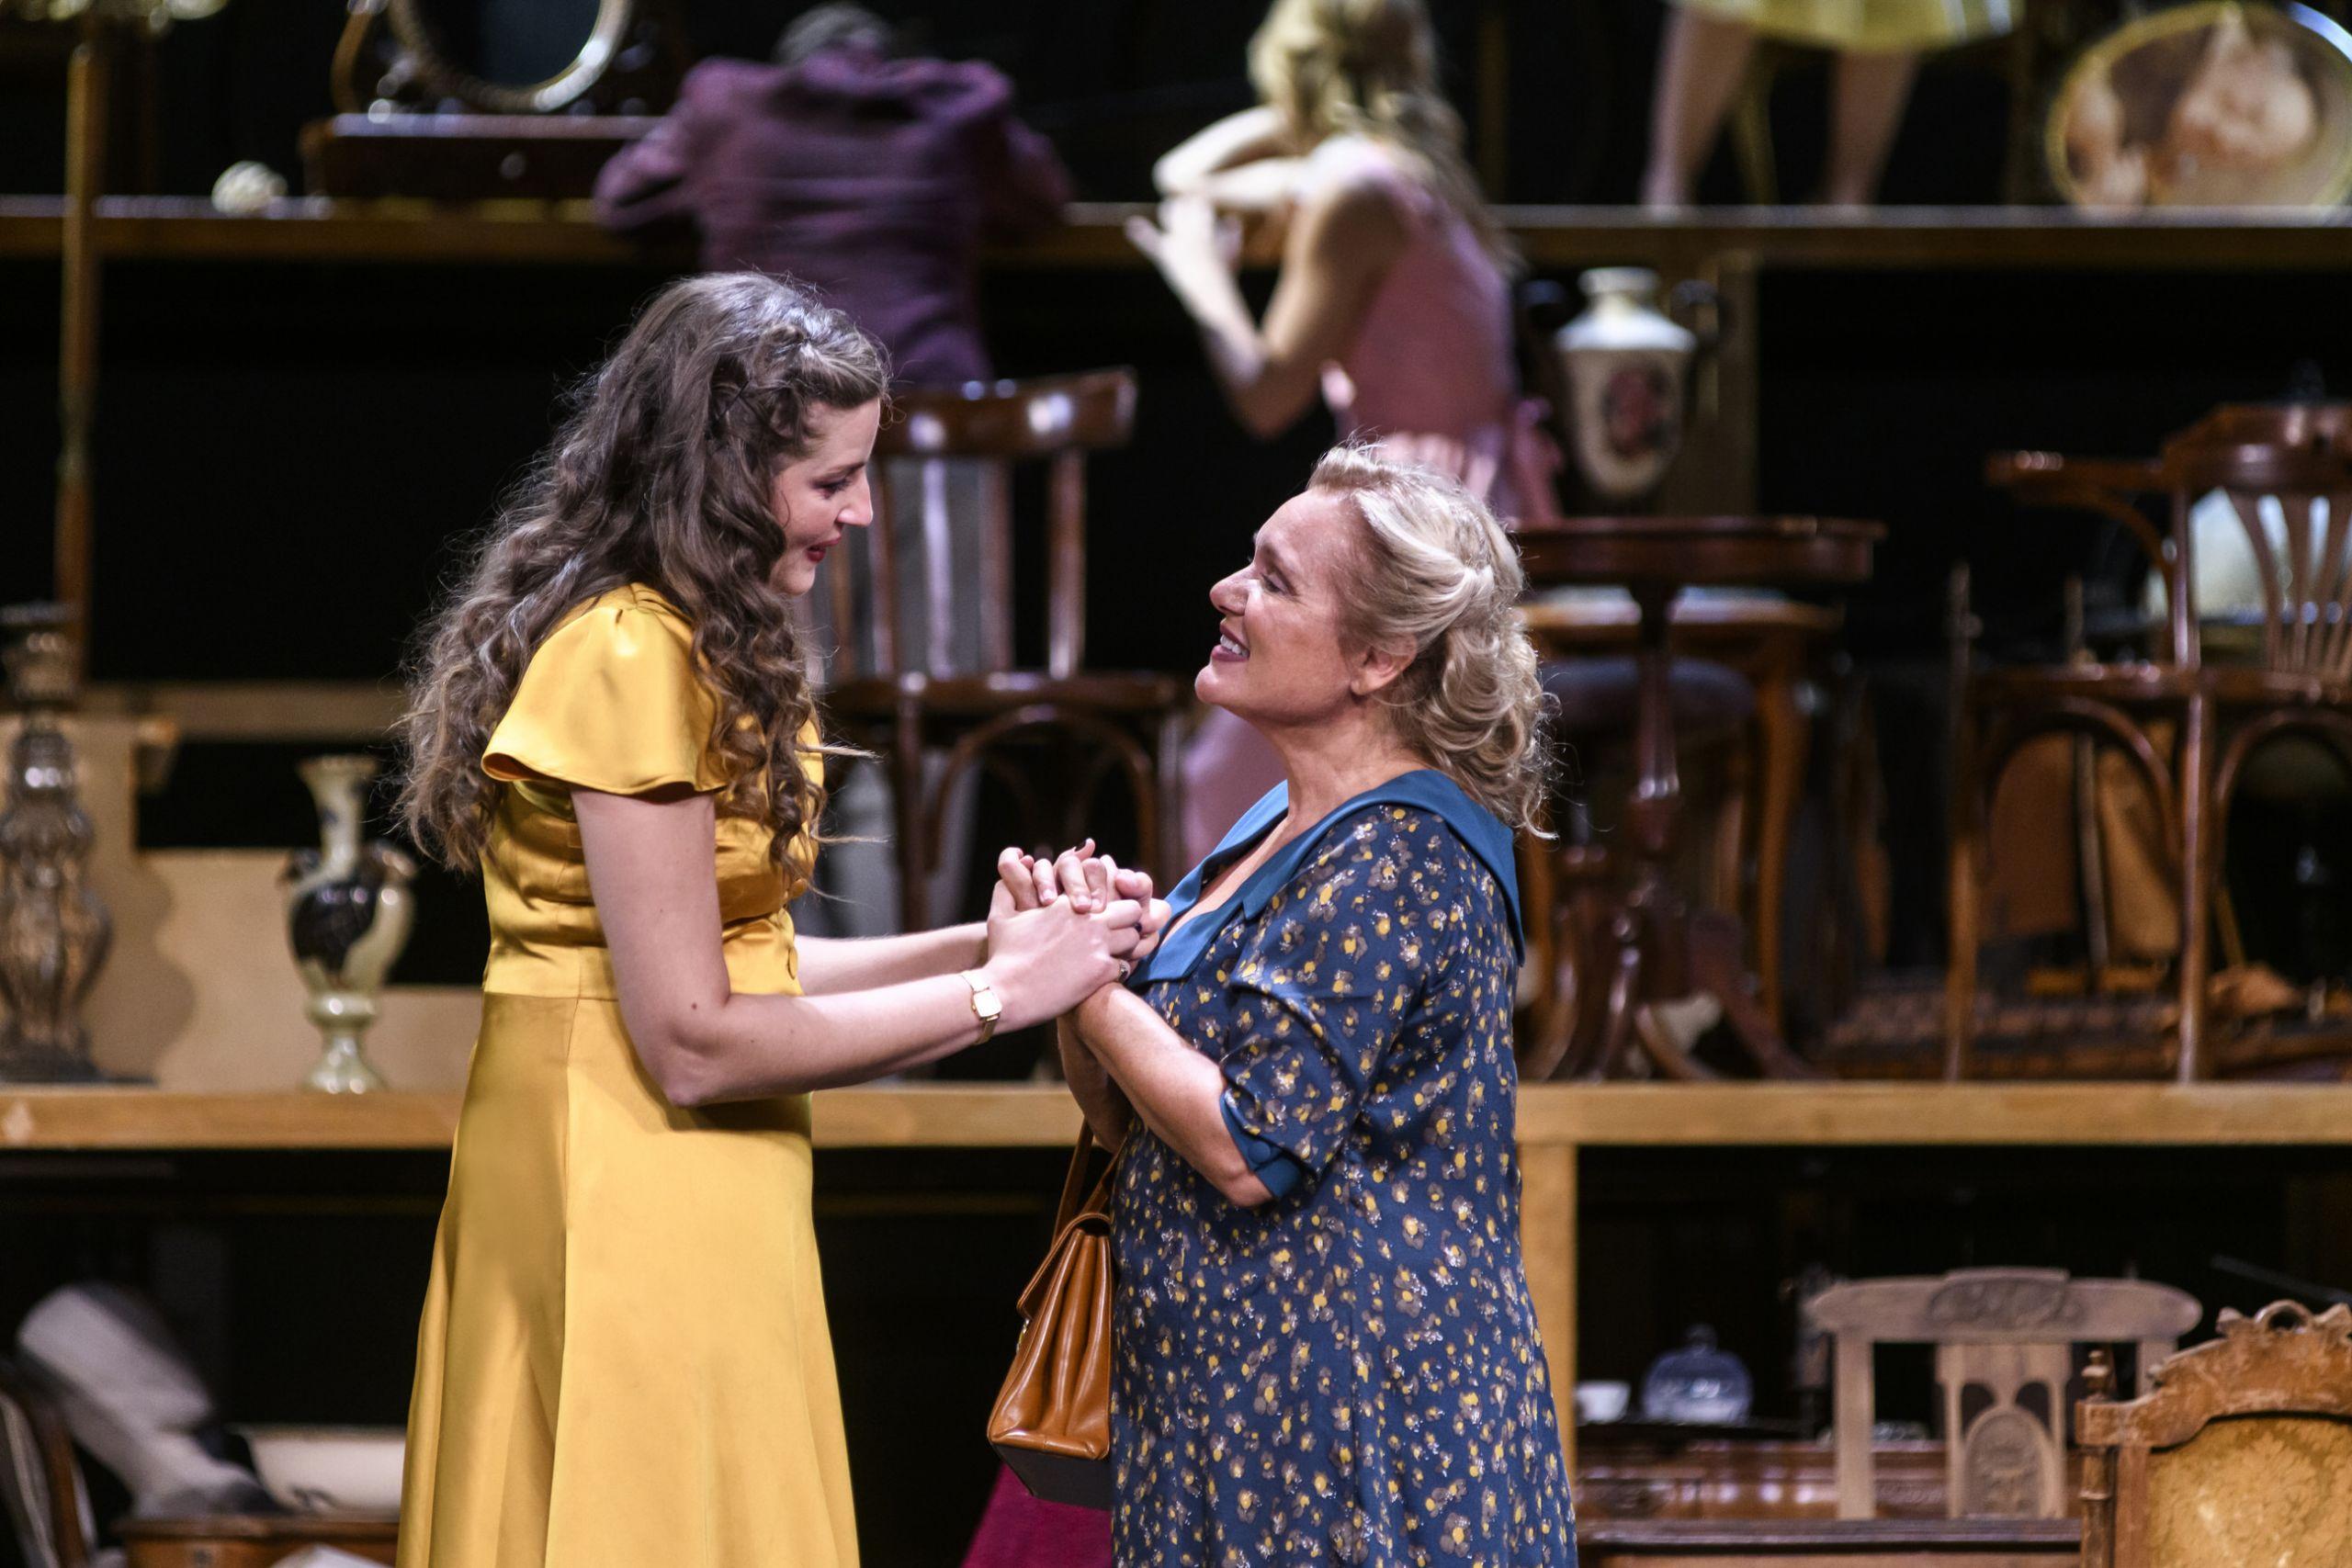 Μαρία Κίτσου και Μαρία Καβογιάννη στο Θέατρο Παλλάς, φωτογραφία: Ελίνα Γιουνανλή